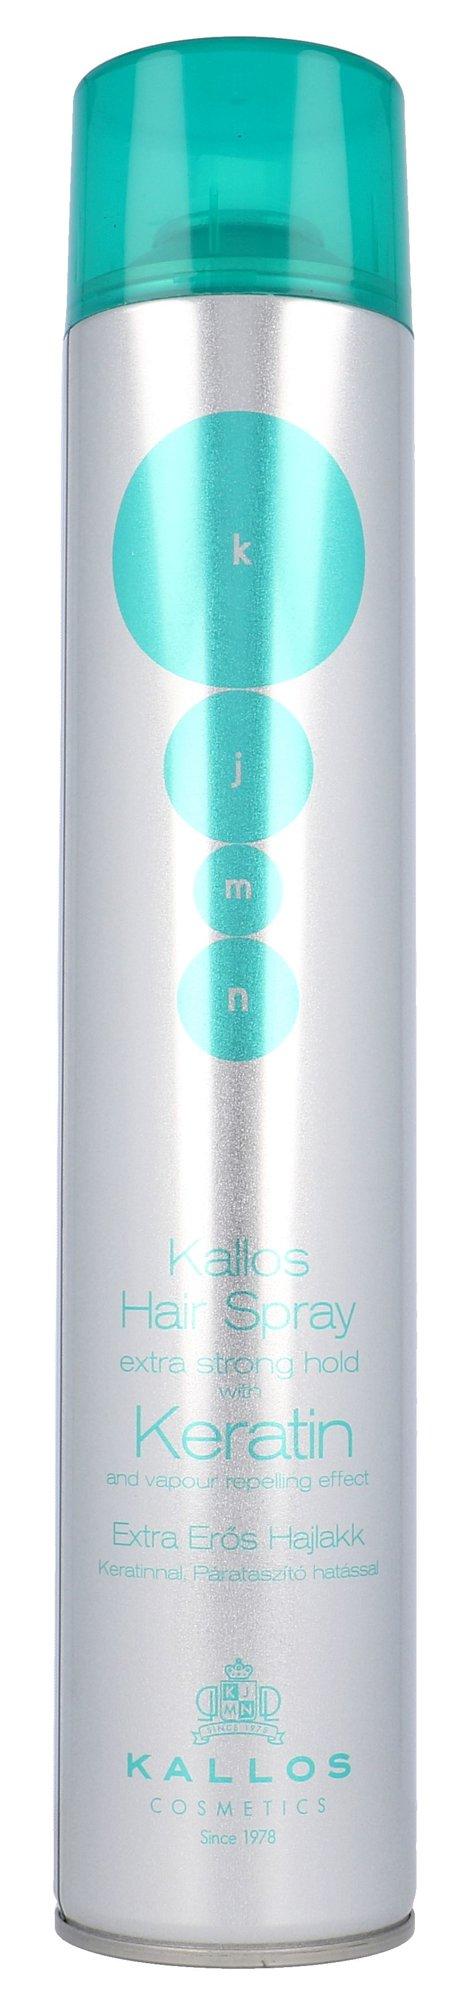 Kallos Cosmetics Keratin Cosmetic 750ml